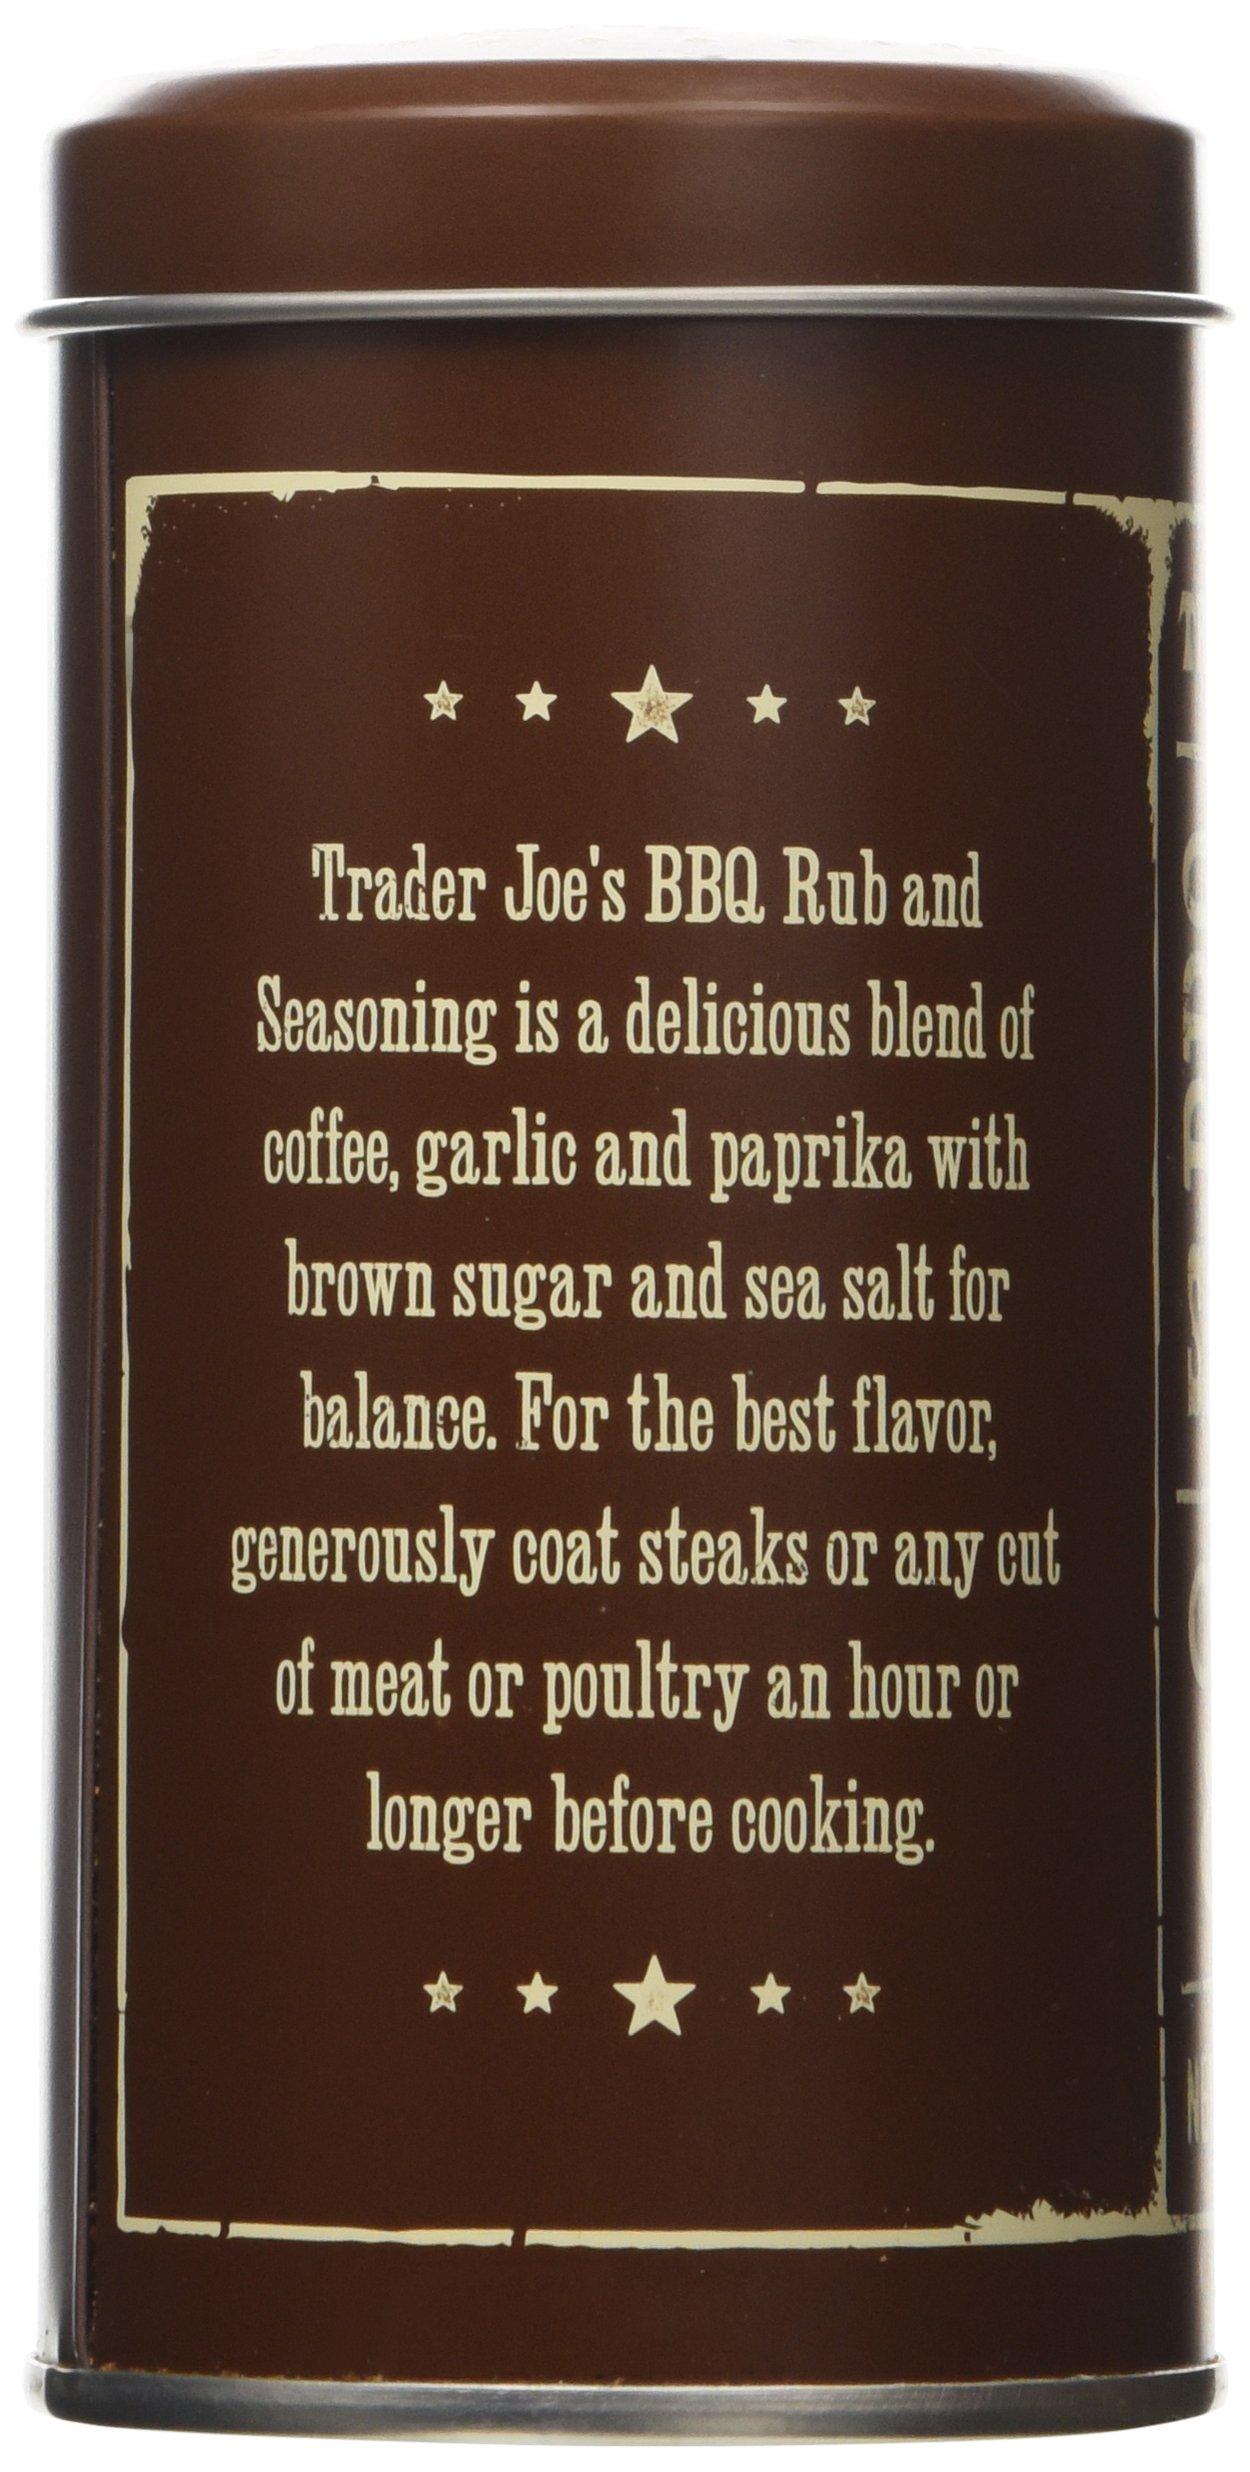 Trader Joe's BBQ Rub and Seasoning with Coffee & Garlic (Pack of 2) by Trader Joe's (Image #4)